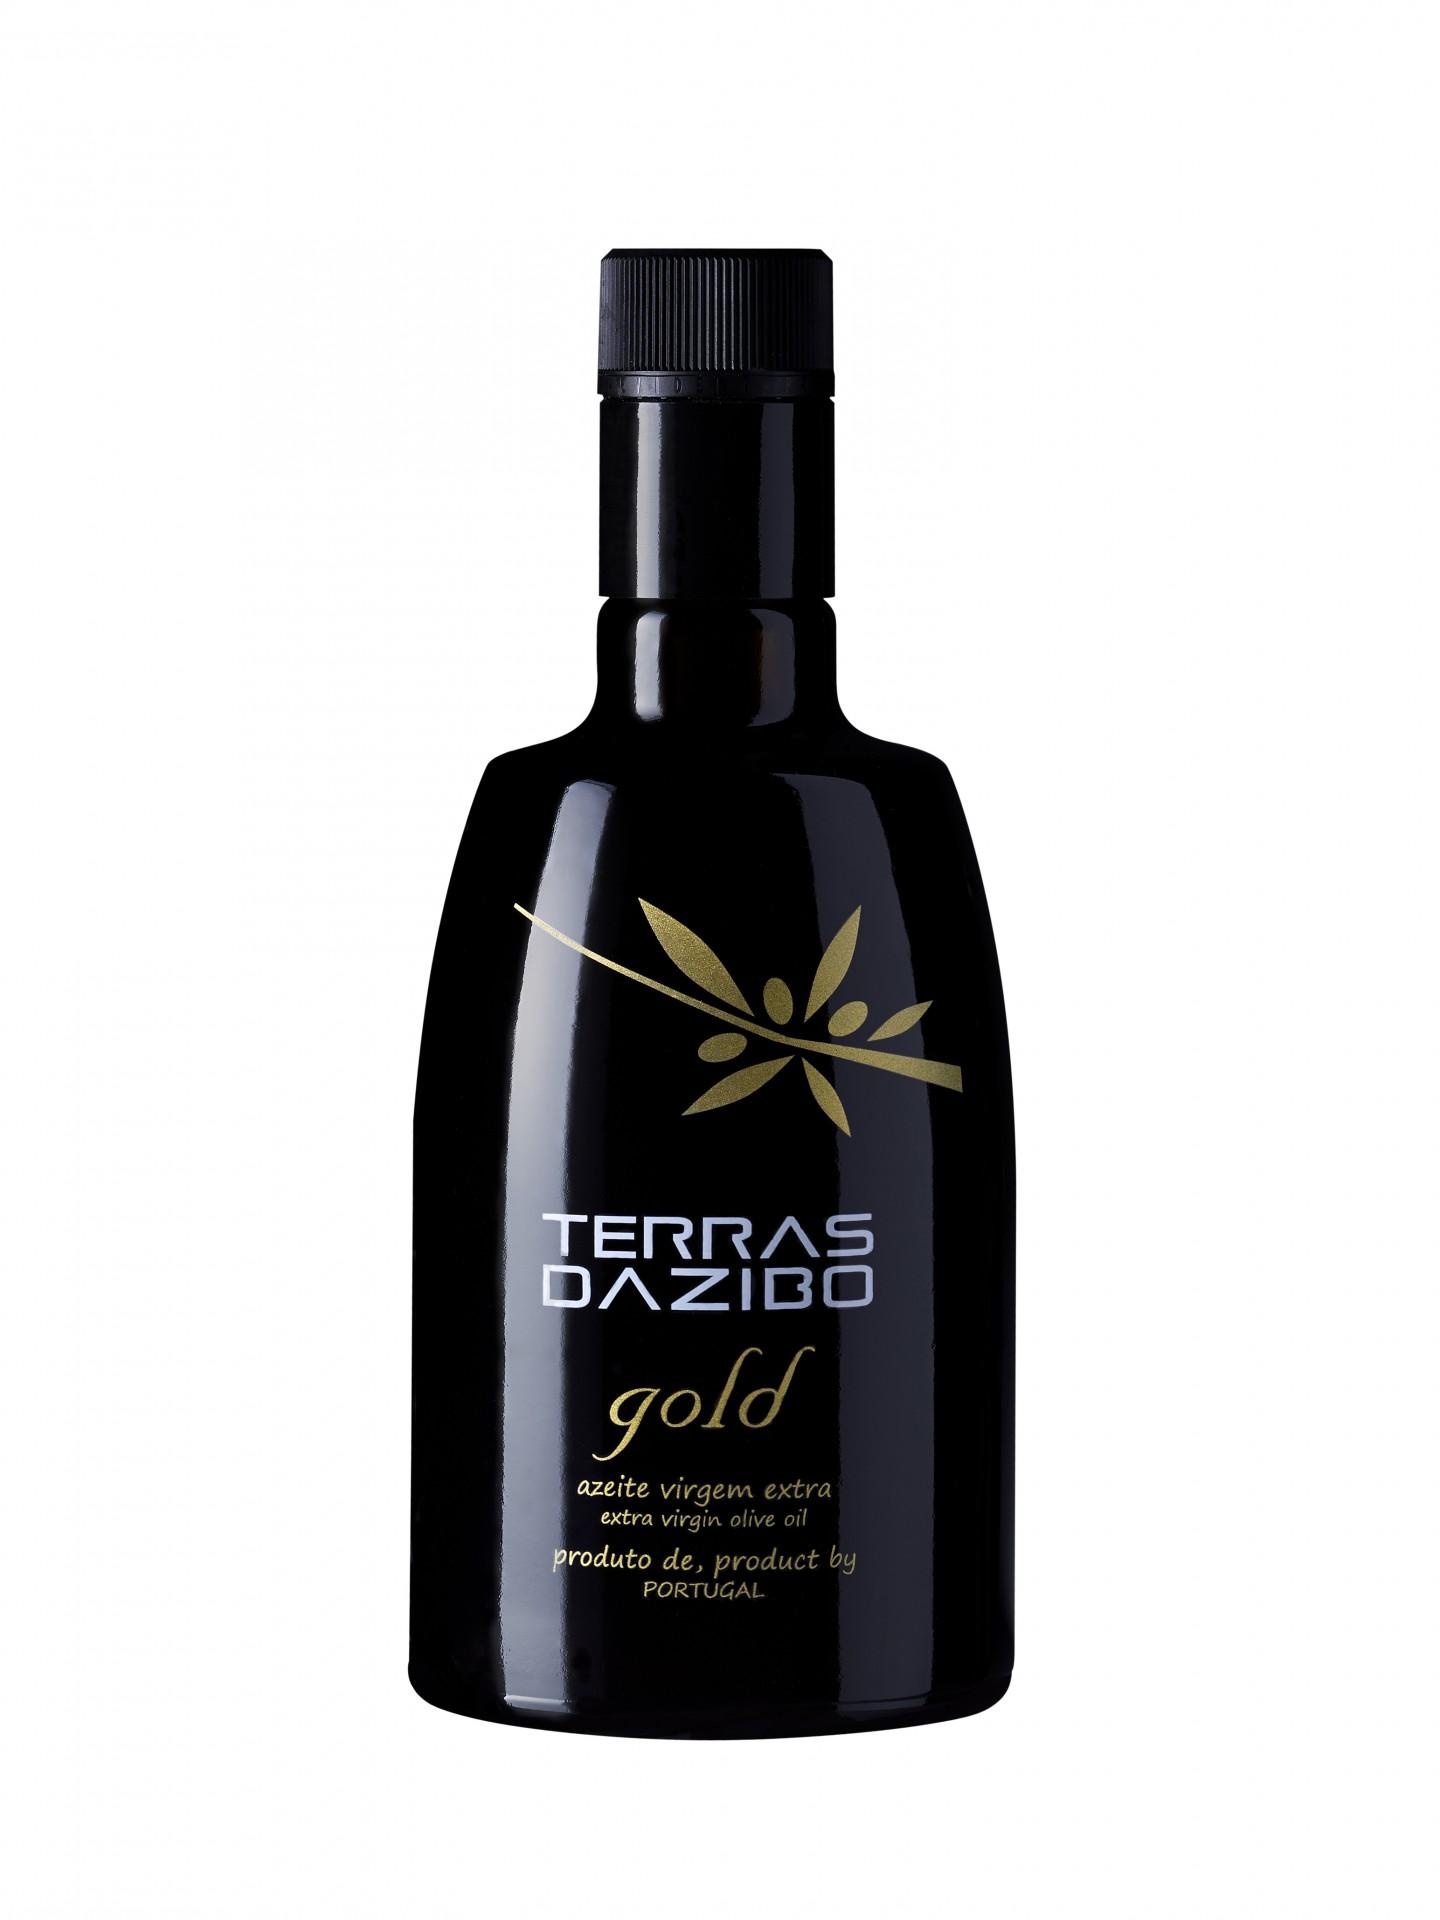 Azeite Terras Dazibo - GOLD 500ml